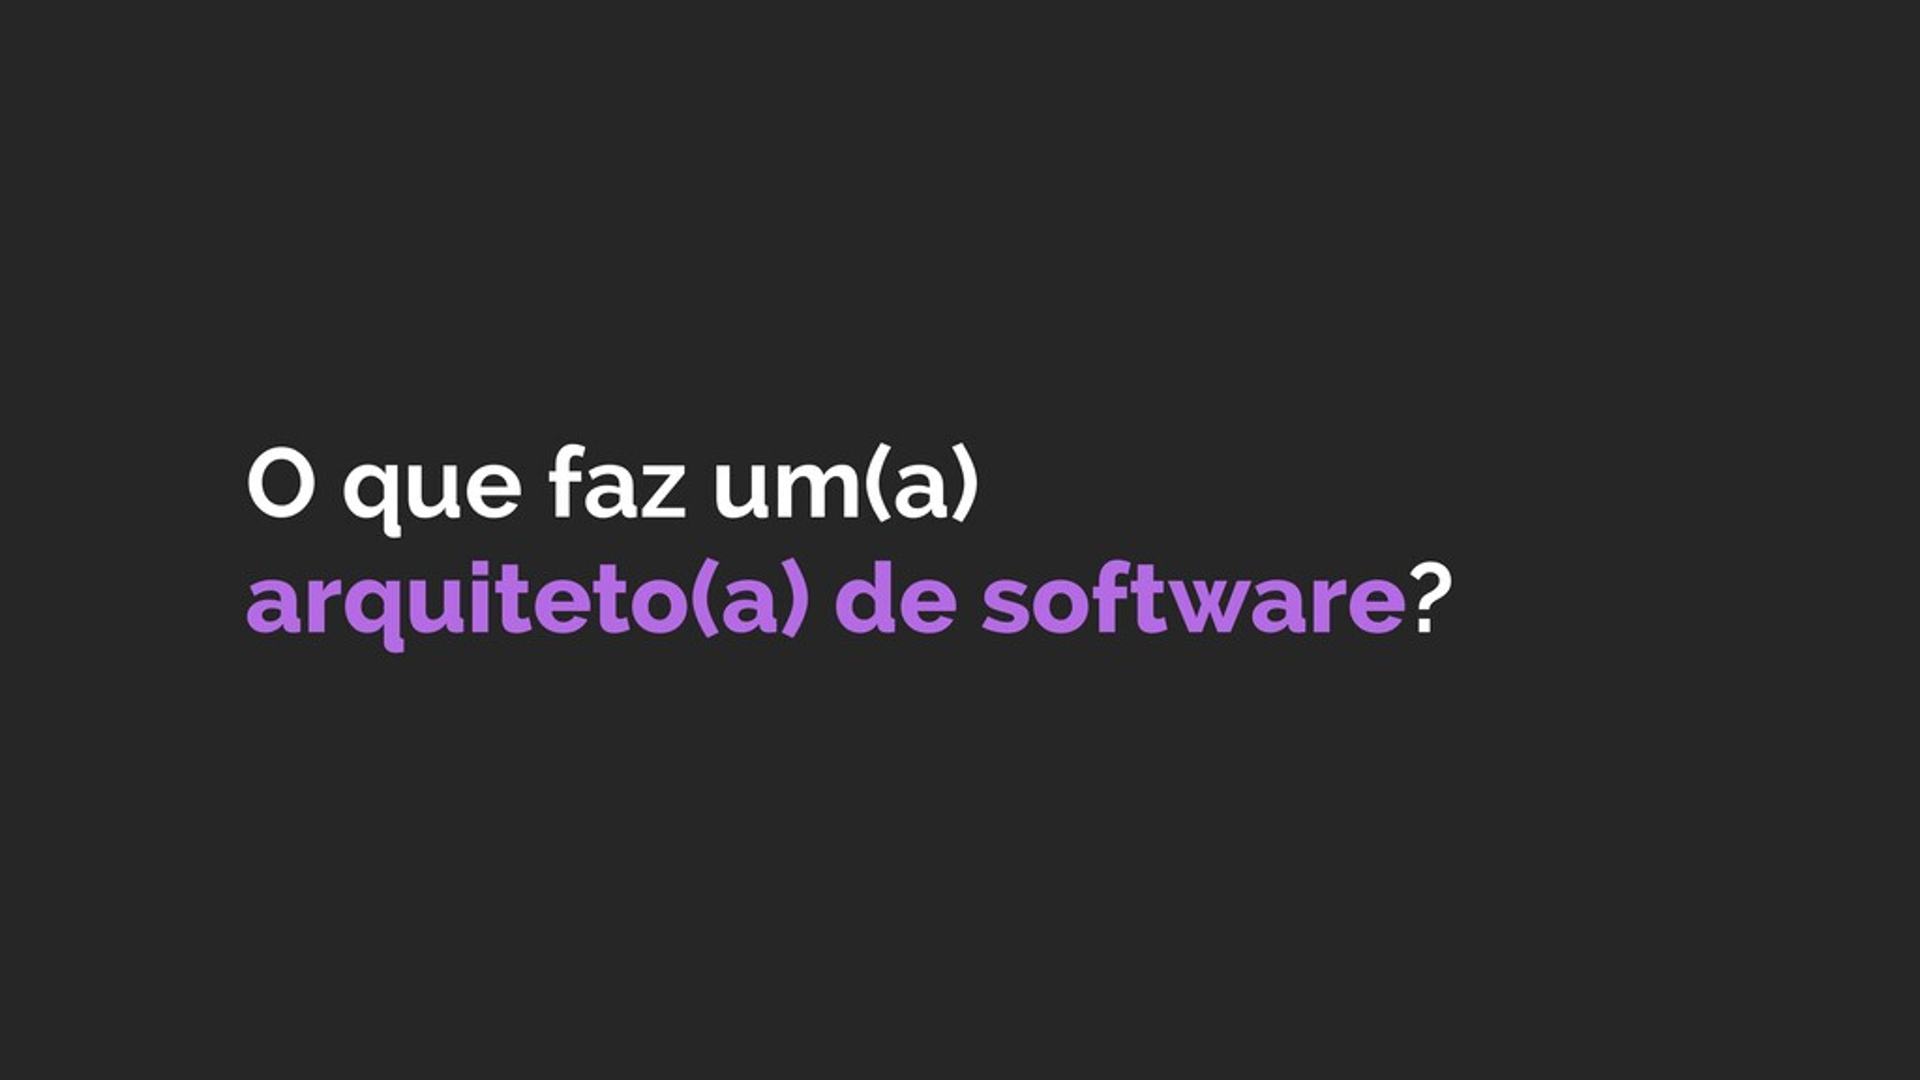 O que faz um(a)  arquiteto(a) de software?